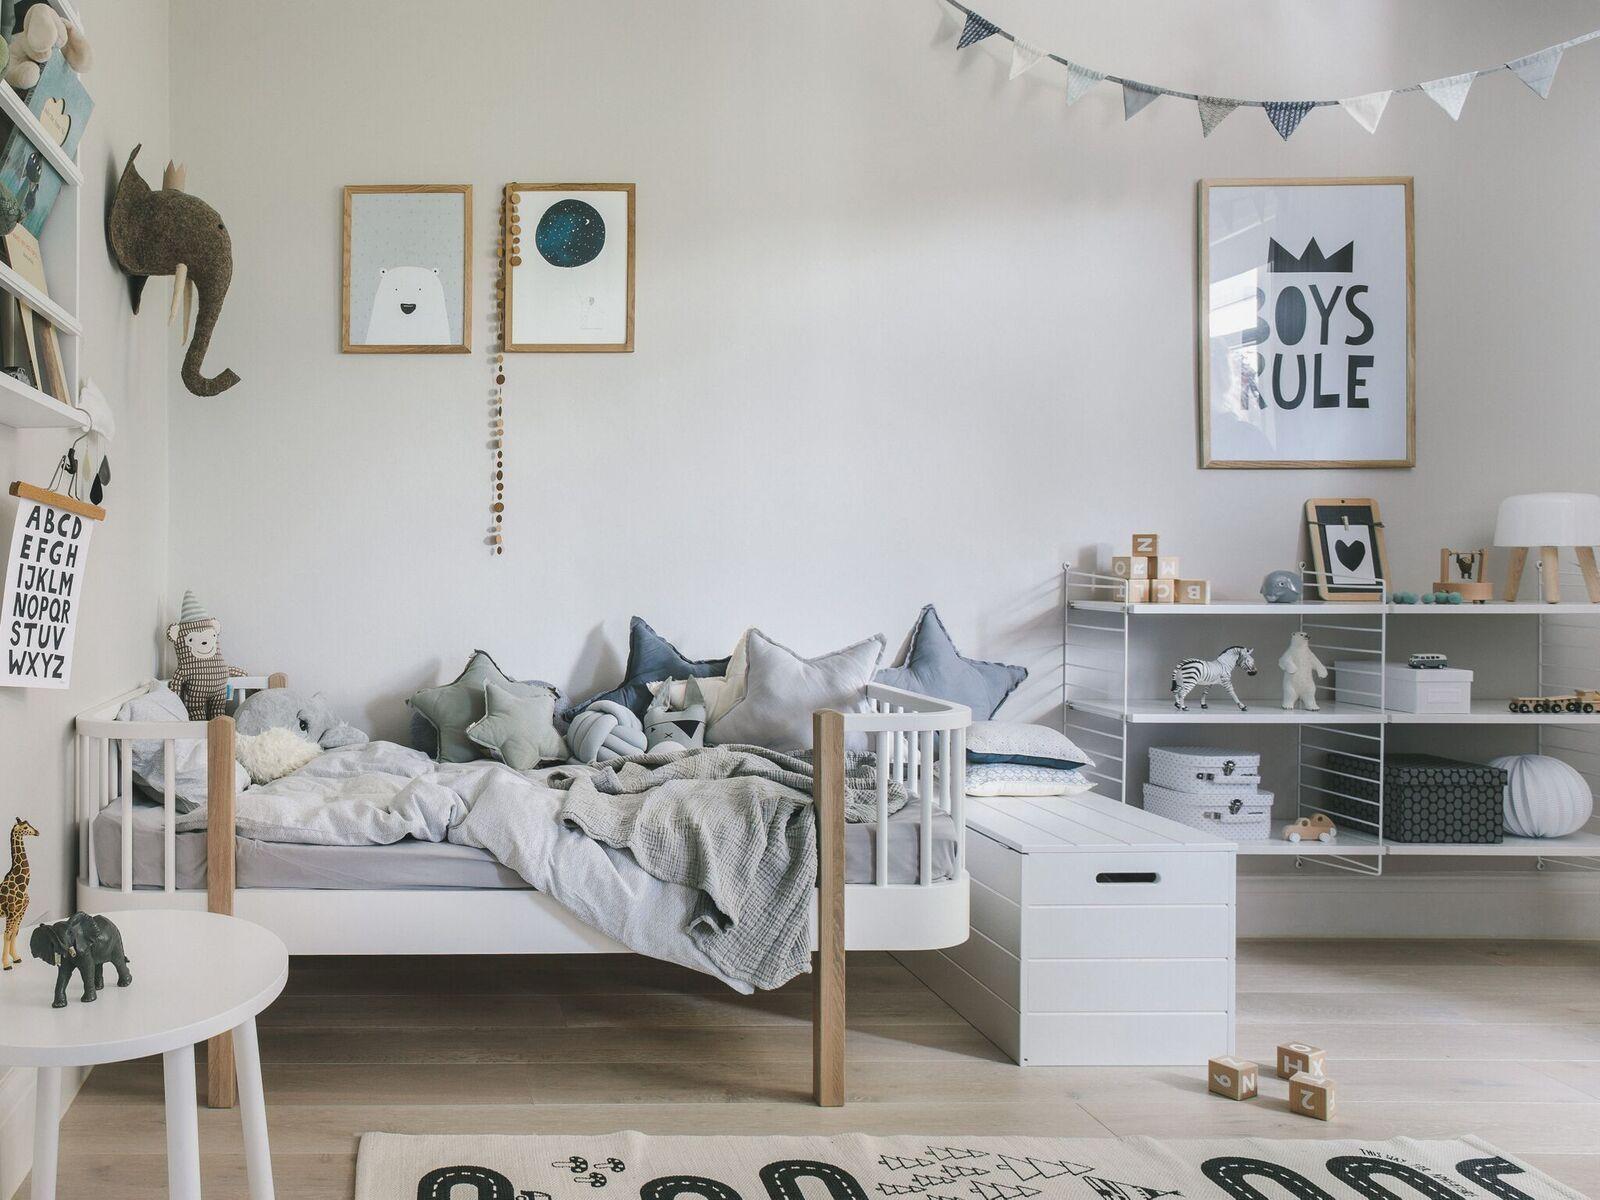 Inspirasi kamar tidur anak bergaya scandinavian - source: pinterest.com